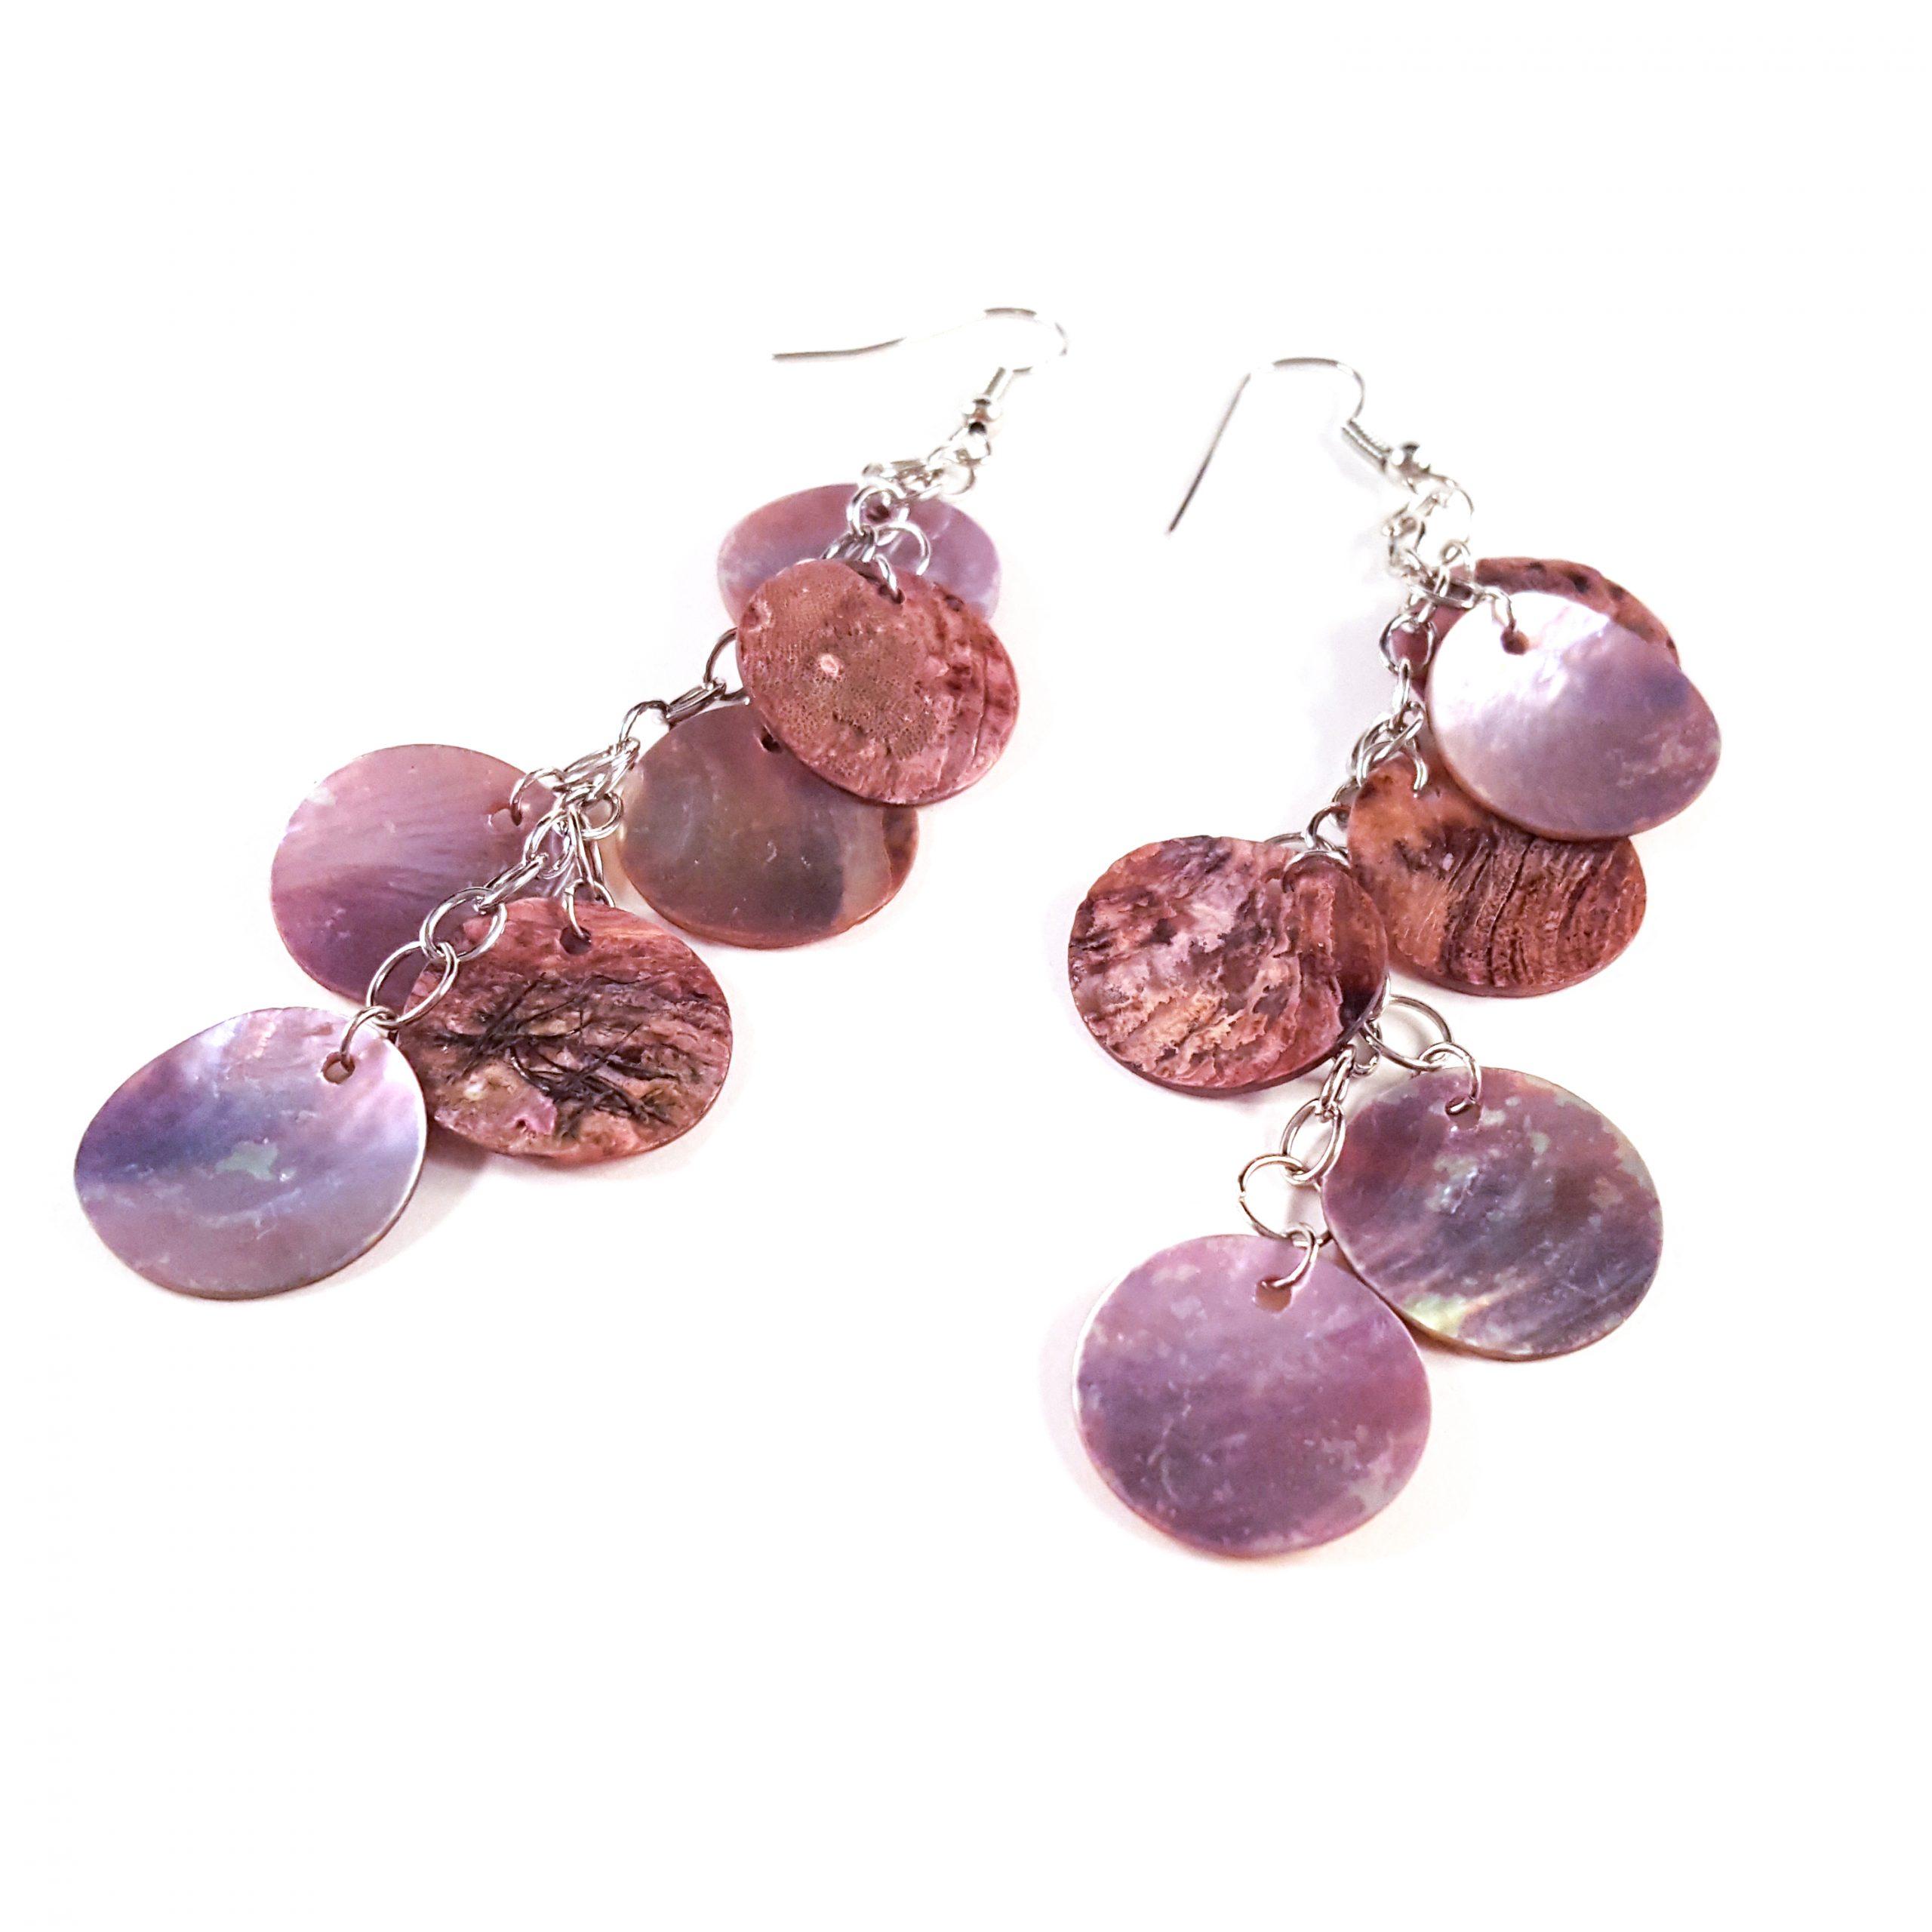 Lilac Mermaid Scale Earrings by Wilde Designs